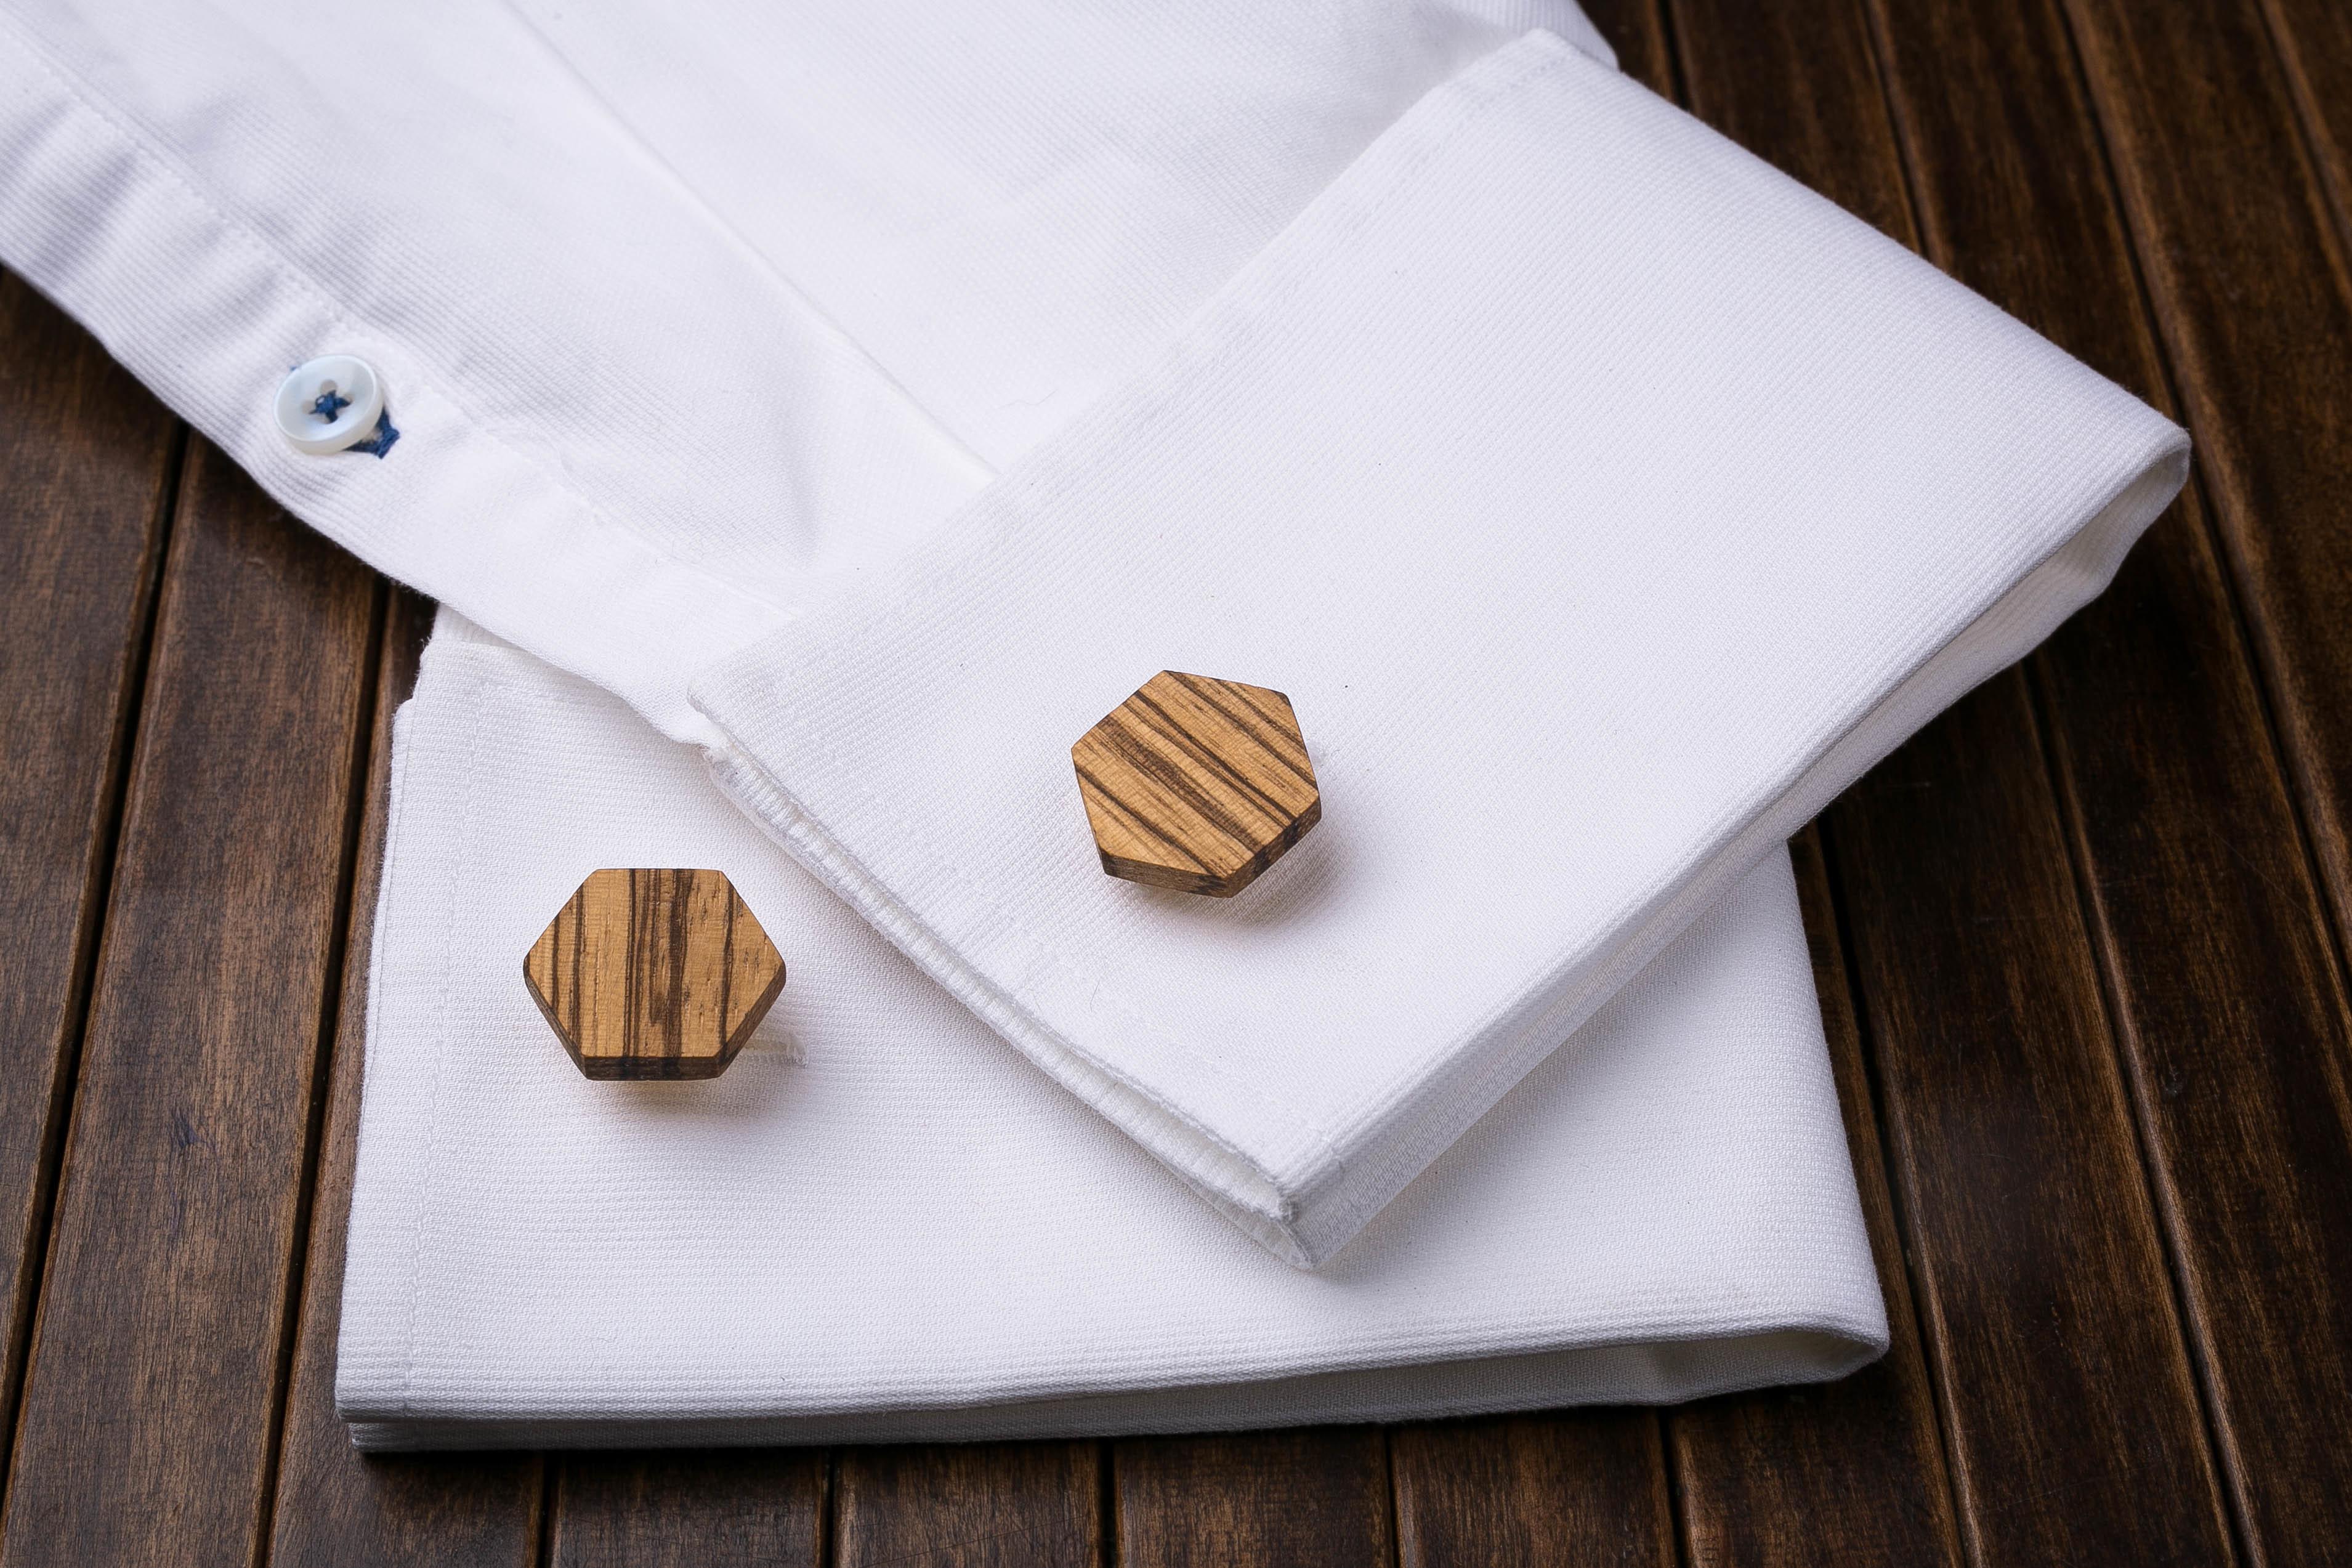 Комплект: Шестигранные запонки из дерева и Деревянный зажим для галстука. Массив зебрано. Гравировка инициалов. Упаковка в комплекте